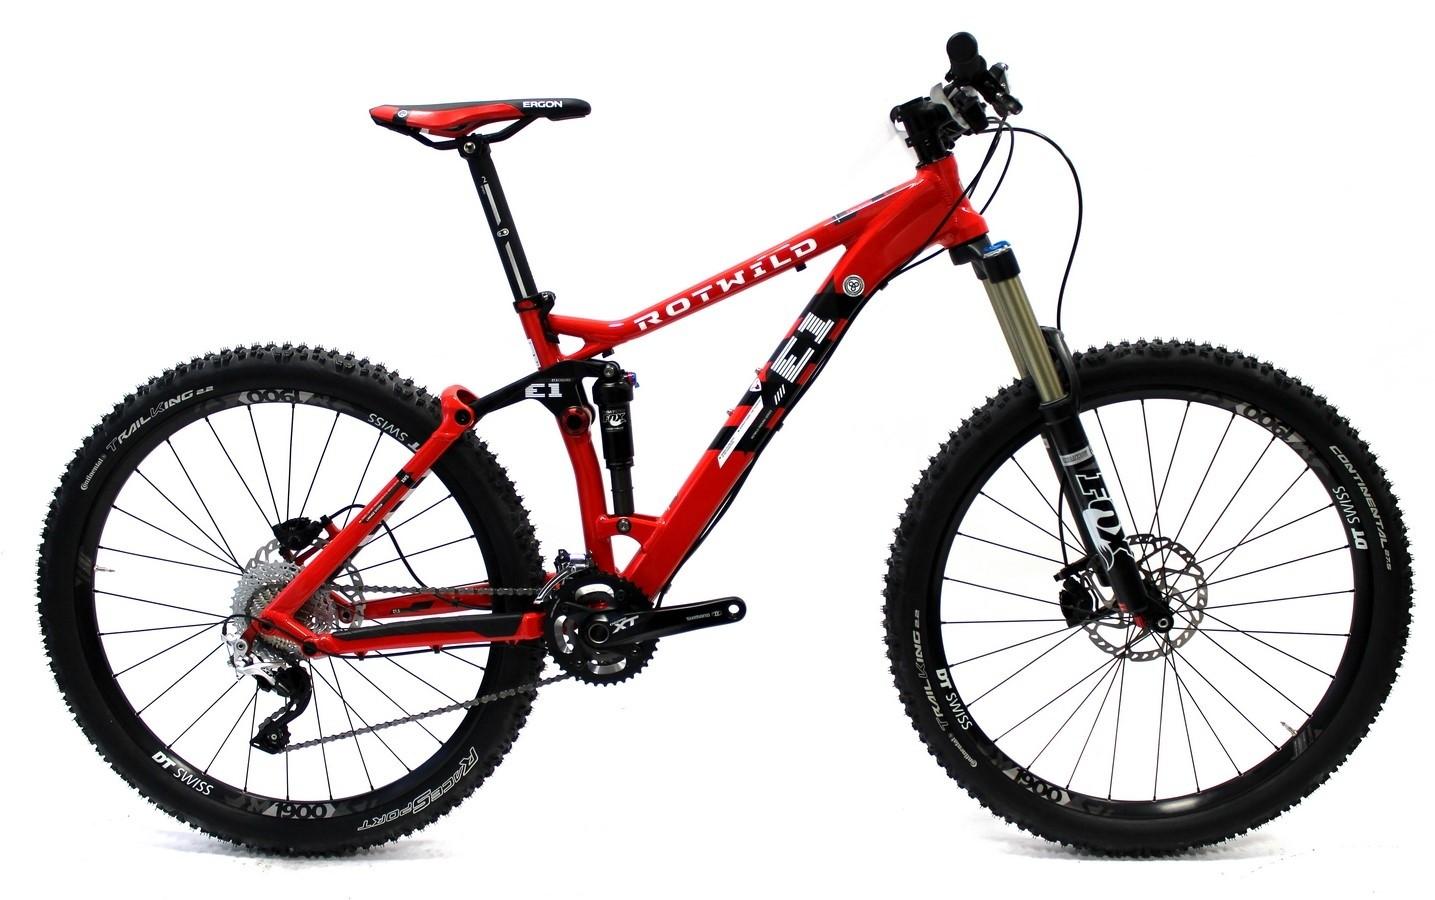 E1 FS 27.5 Pro light hot red